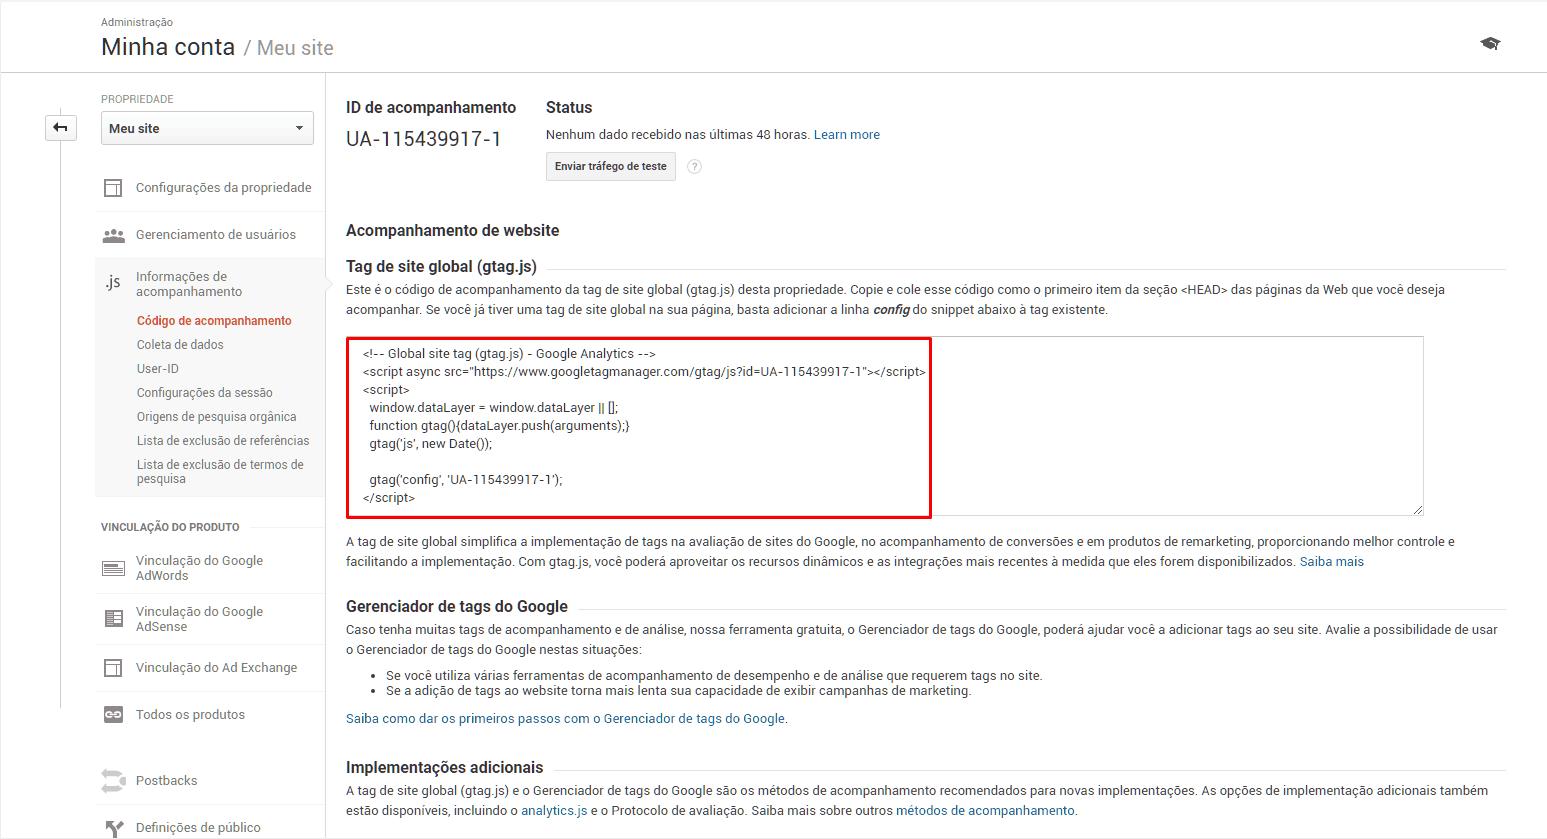 Código de acompanhamento do Google Analytics